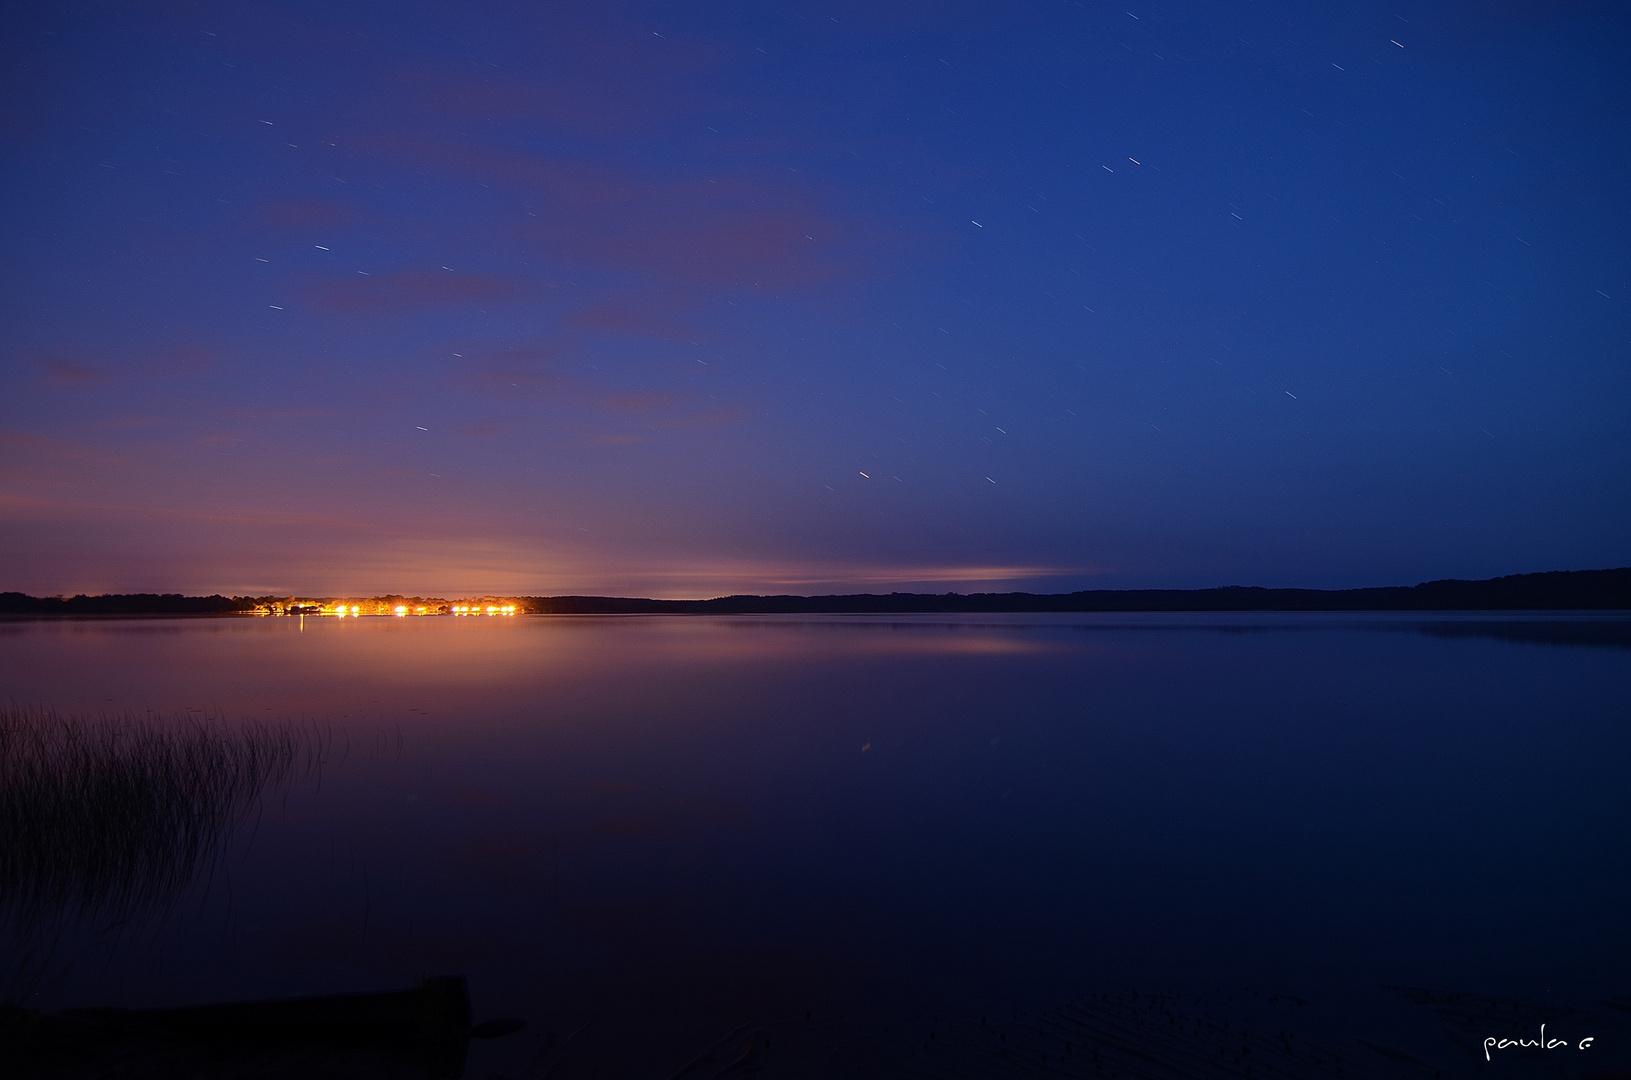 mi primer intento en foto nocturna